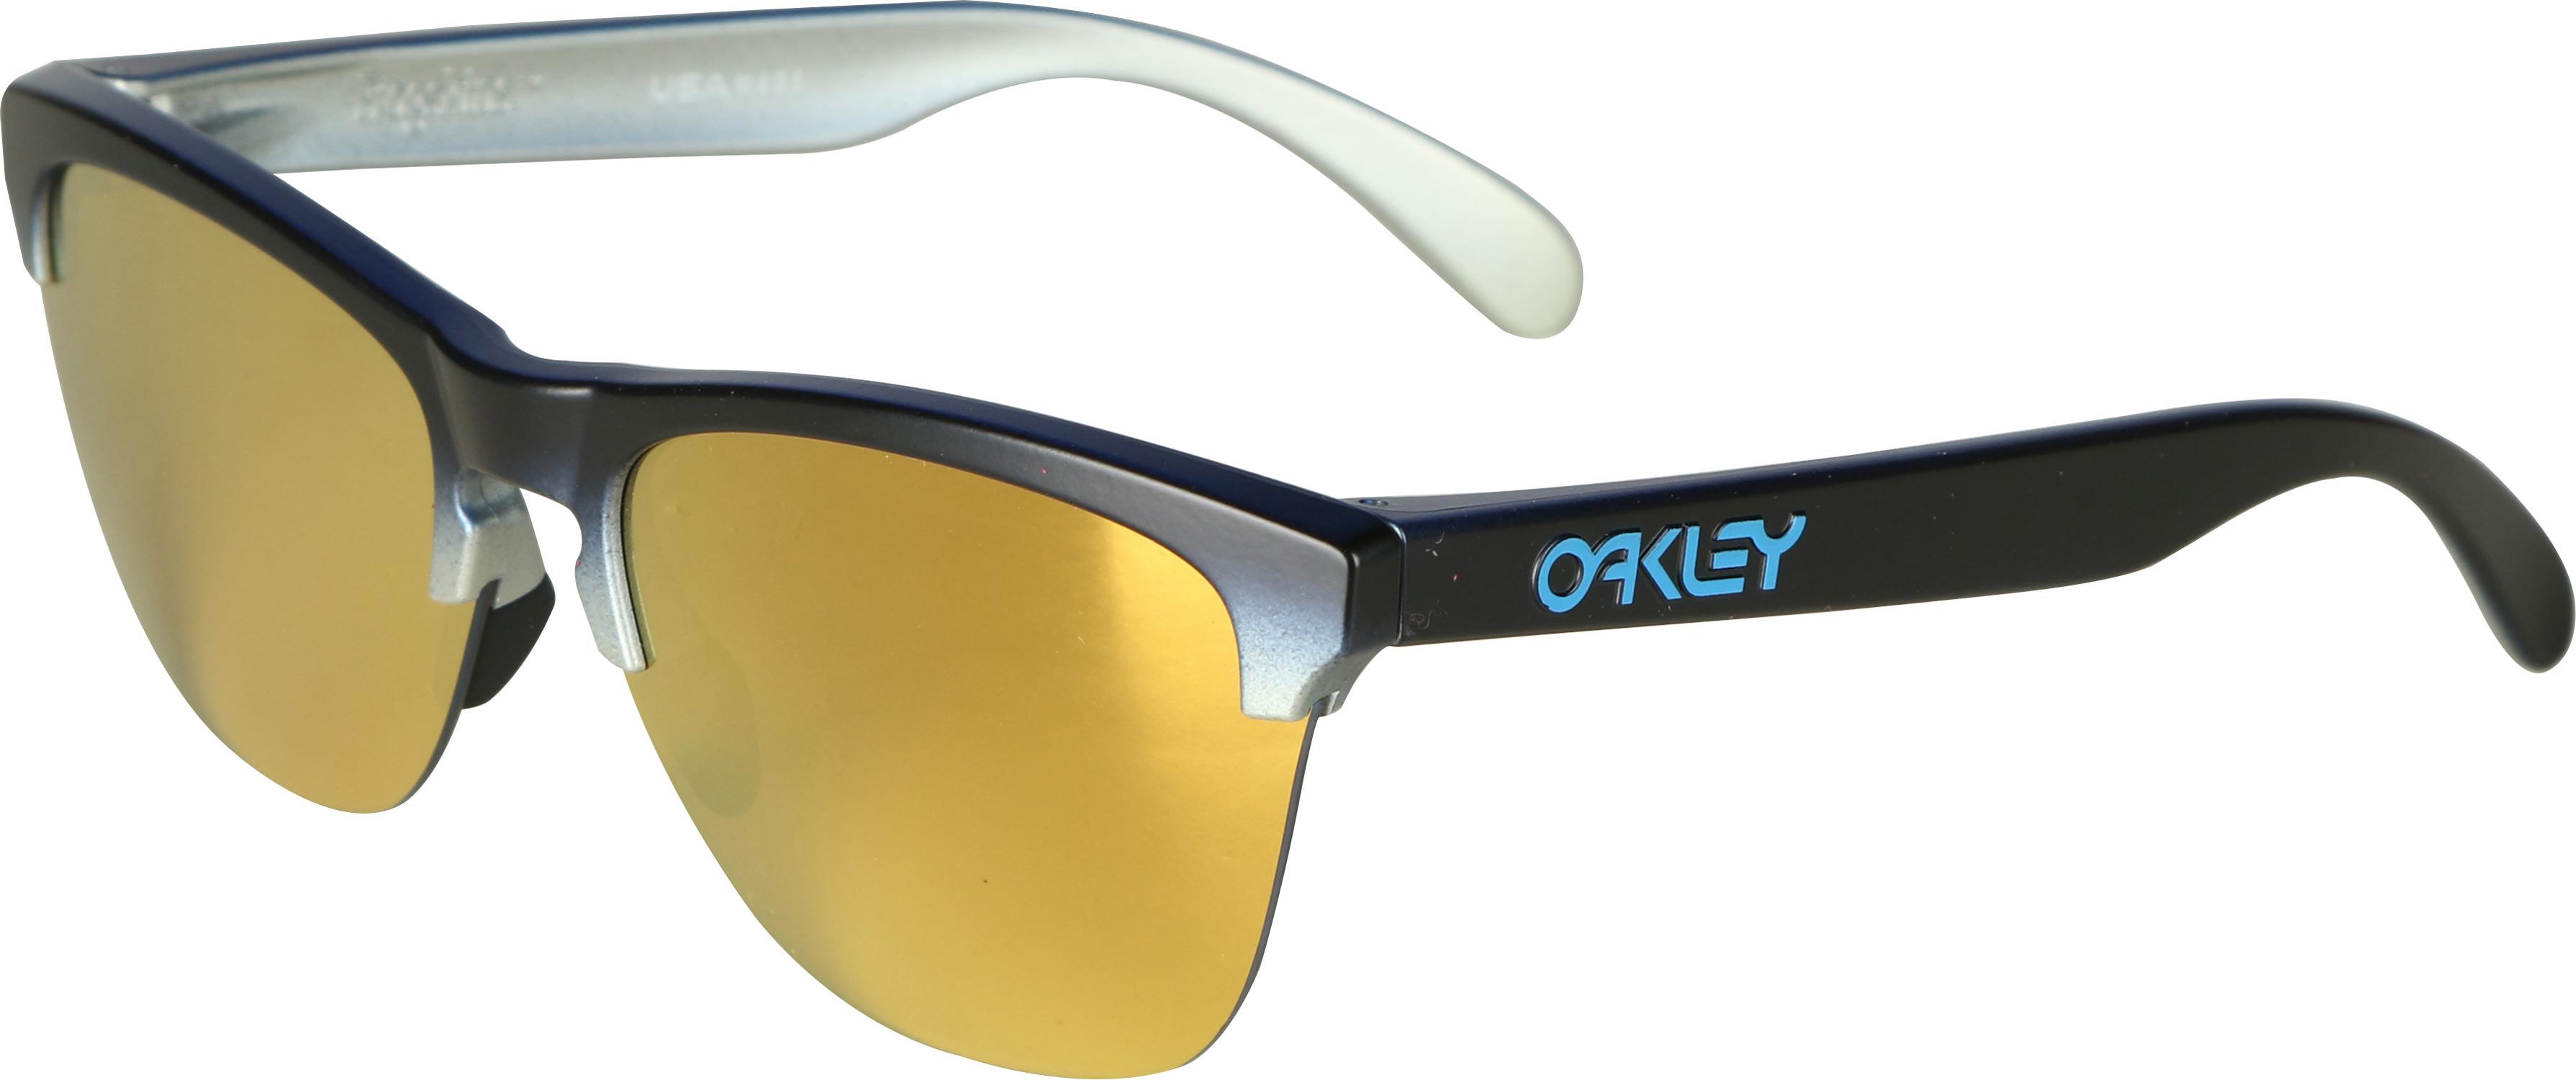 19ded29921 Oakley Frogskin Crystal Sunglasses